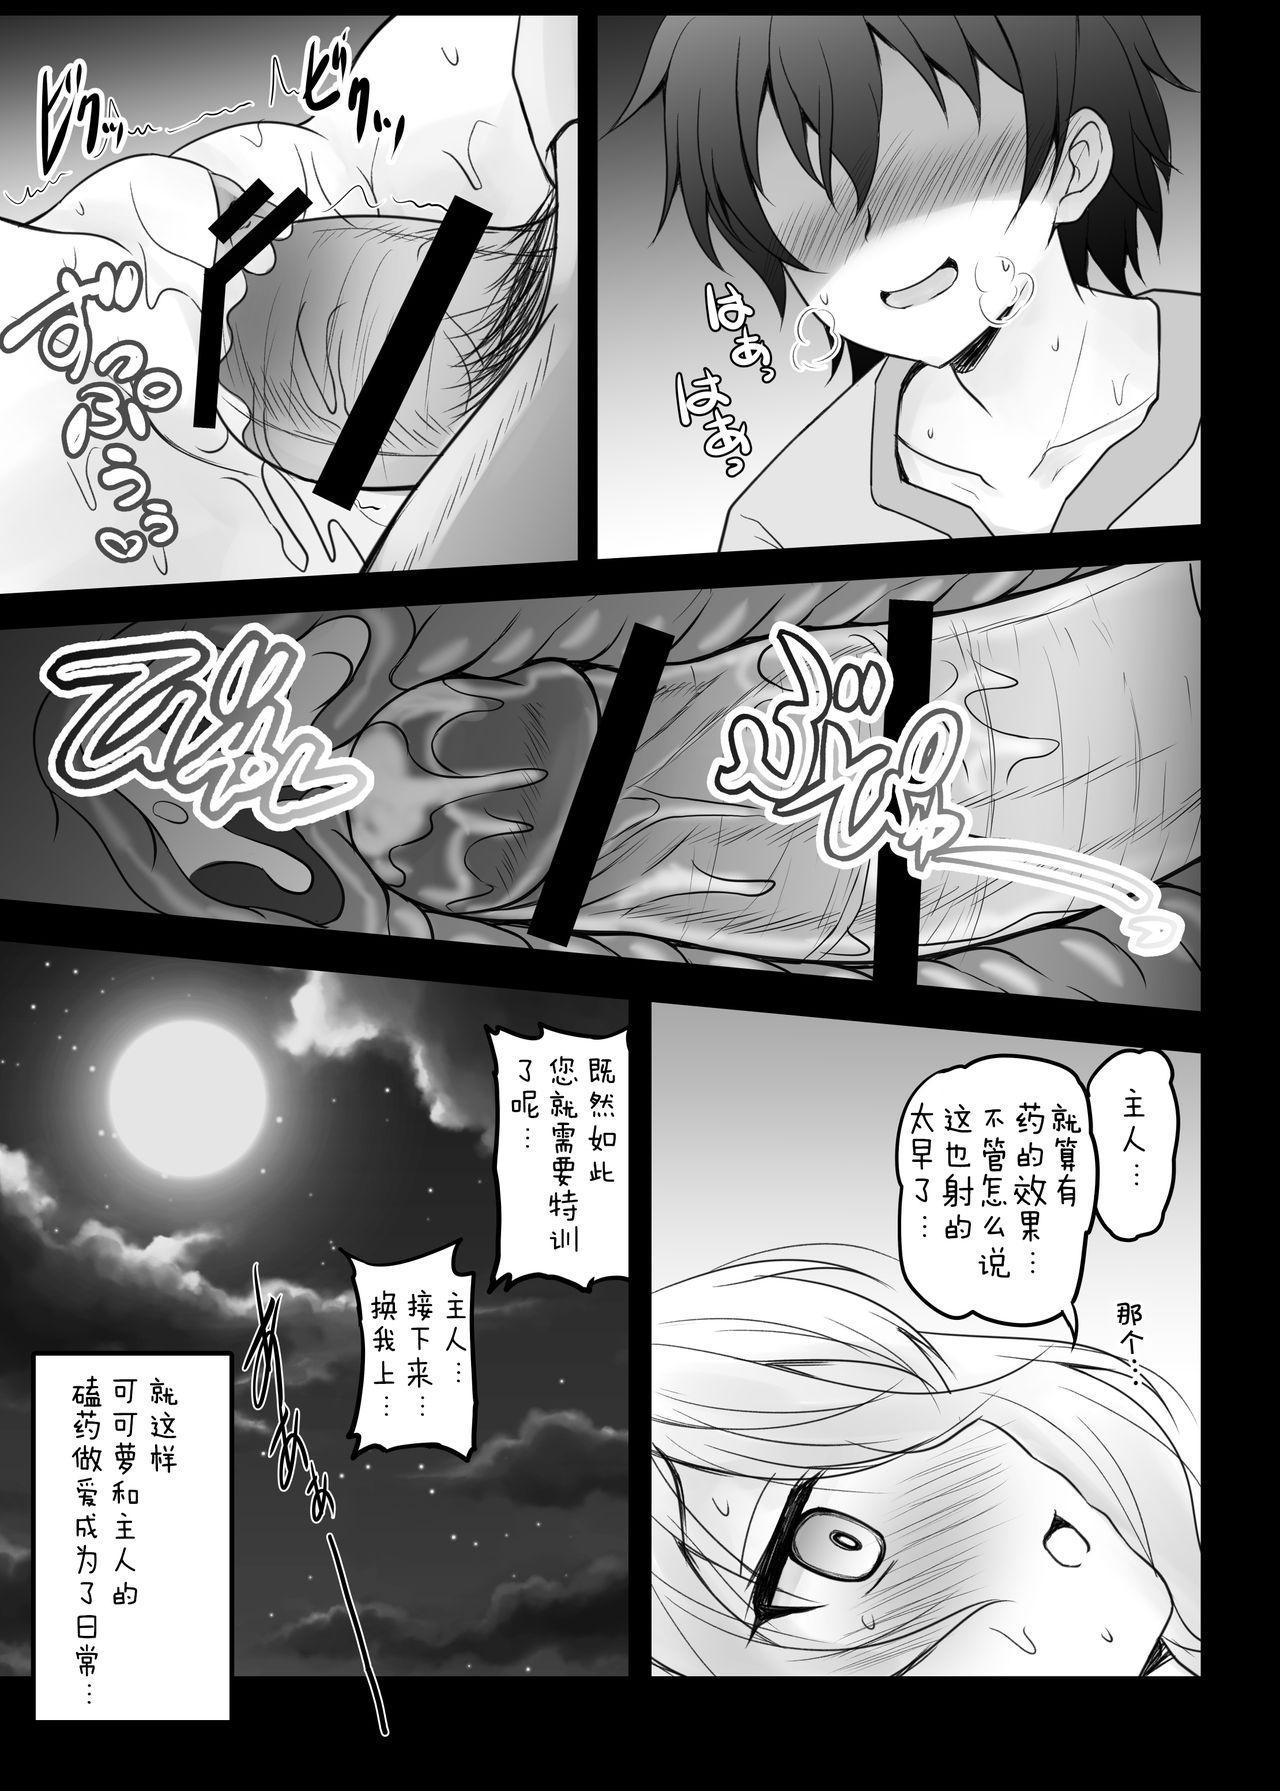 Kokkoro to Aruji-sama no Okusuri Ecchi Nisshi 15